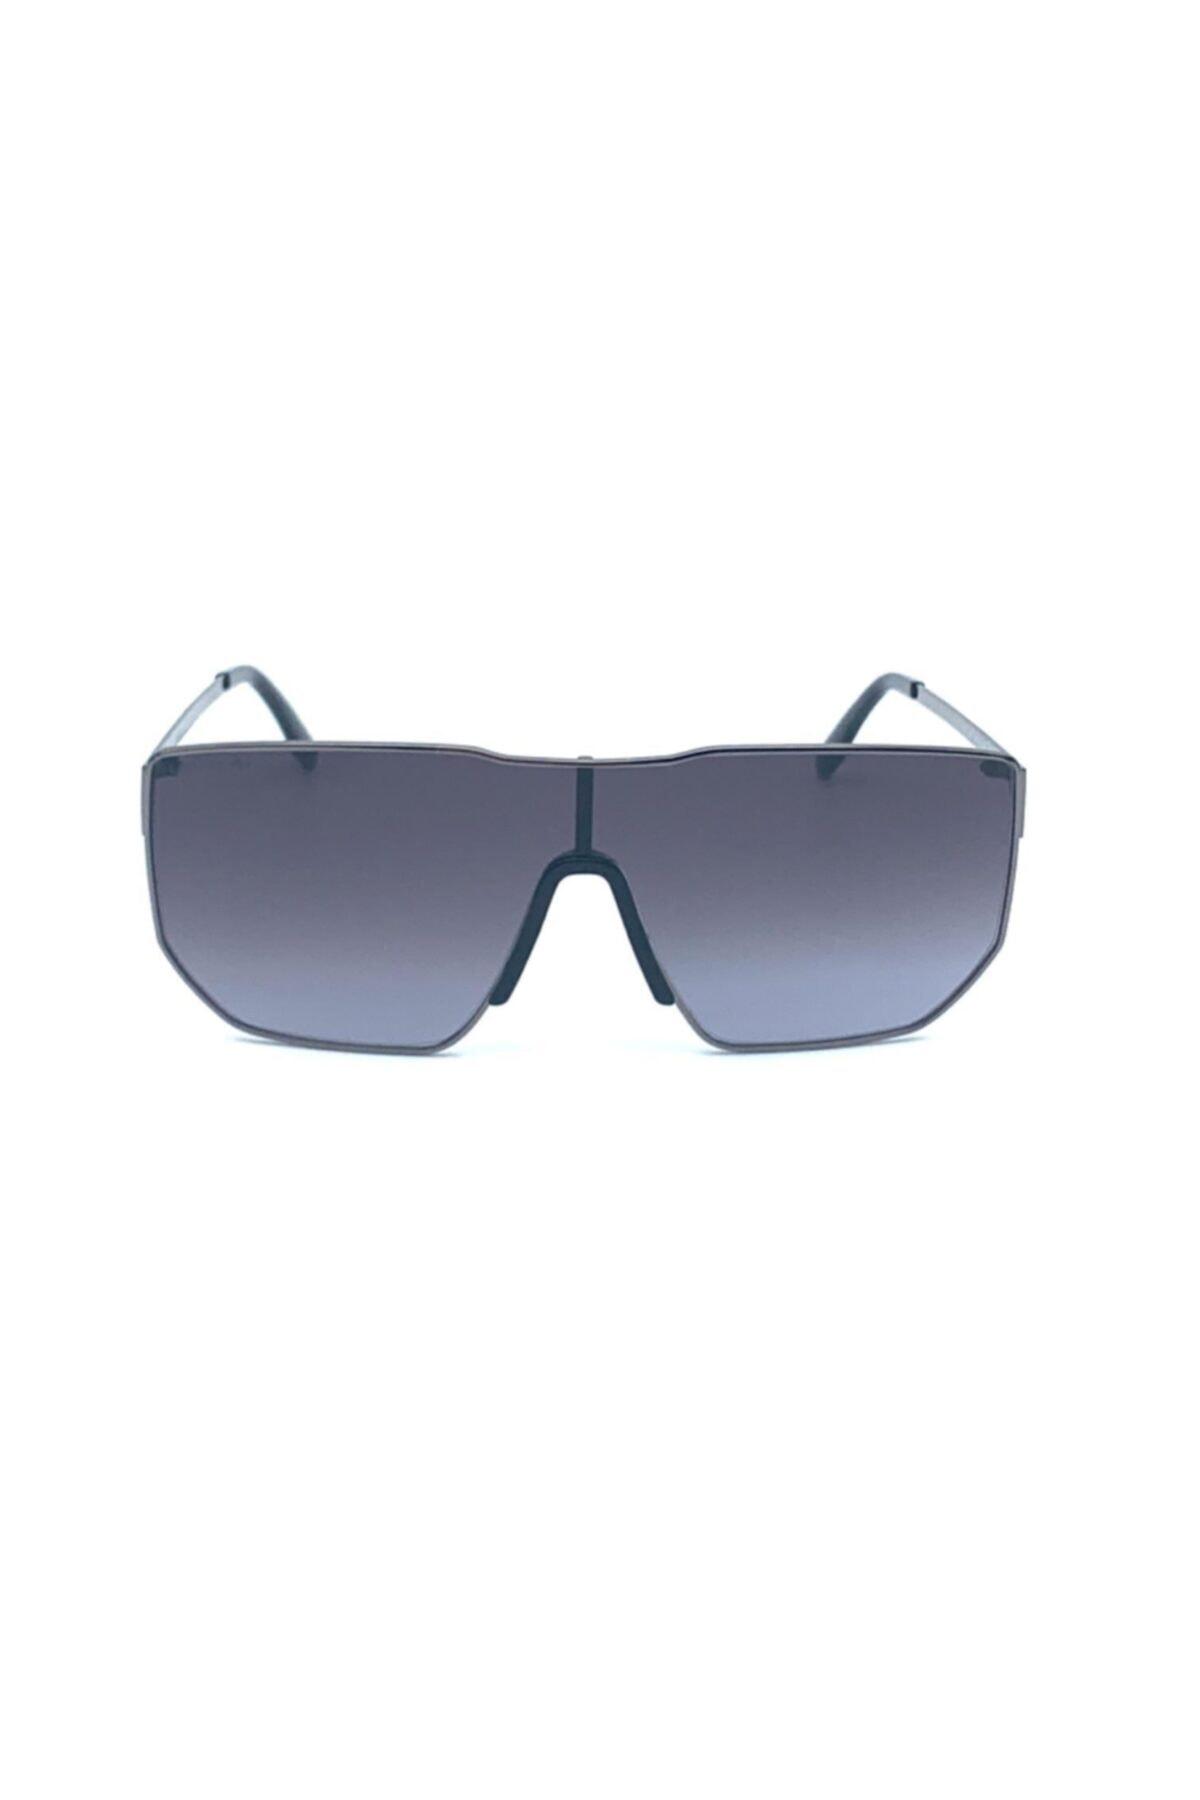 خرید اینترنتی عینک آفتابی زنانه از استانبول برند لاگوست رنگ نقره کد ty88789344